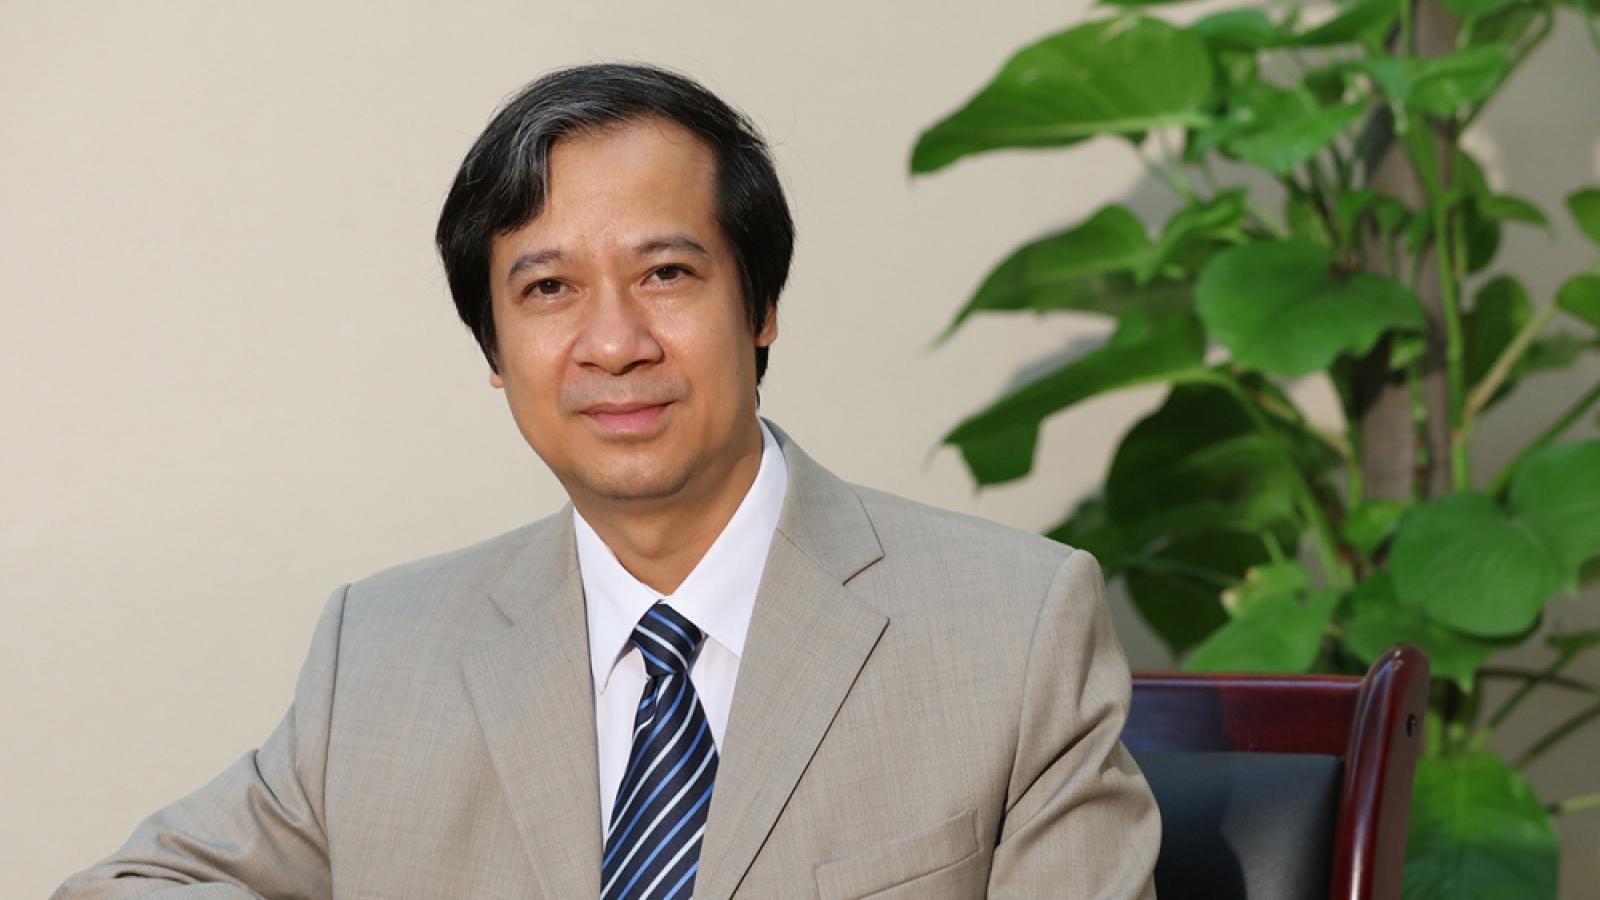 Quá trình công tác của ông Nguyễn Kim Sơn - Tân Bộ trưởng Bộ Giáo dục và Đào tạo